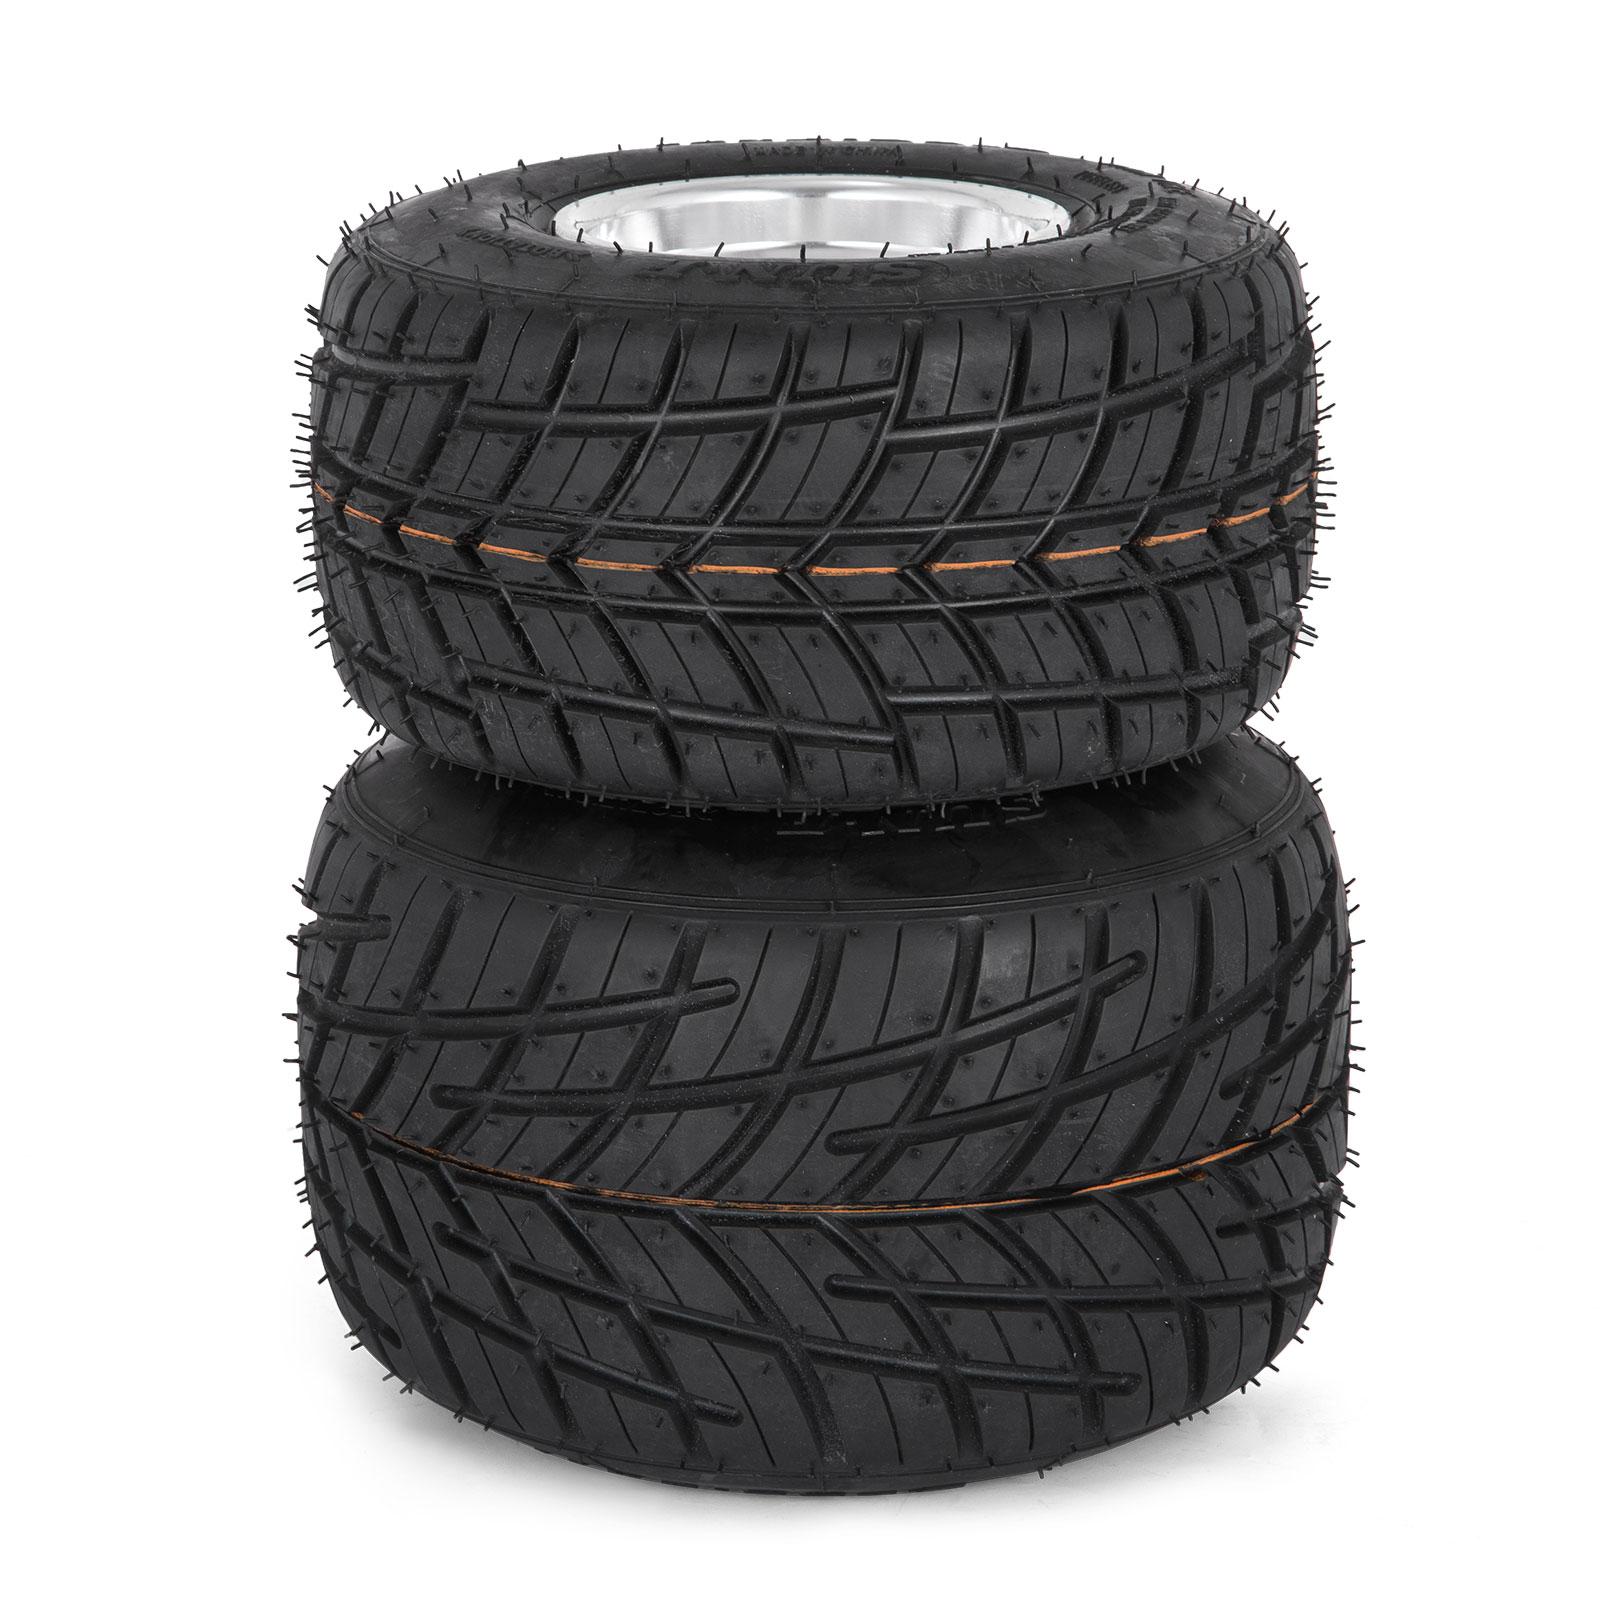 Go Kart Wheels Rain Tires Set Of 4 Rim Tyre 10x450 5 52cc Scooterx Power Service Product Description The